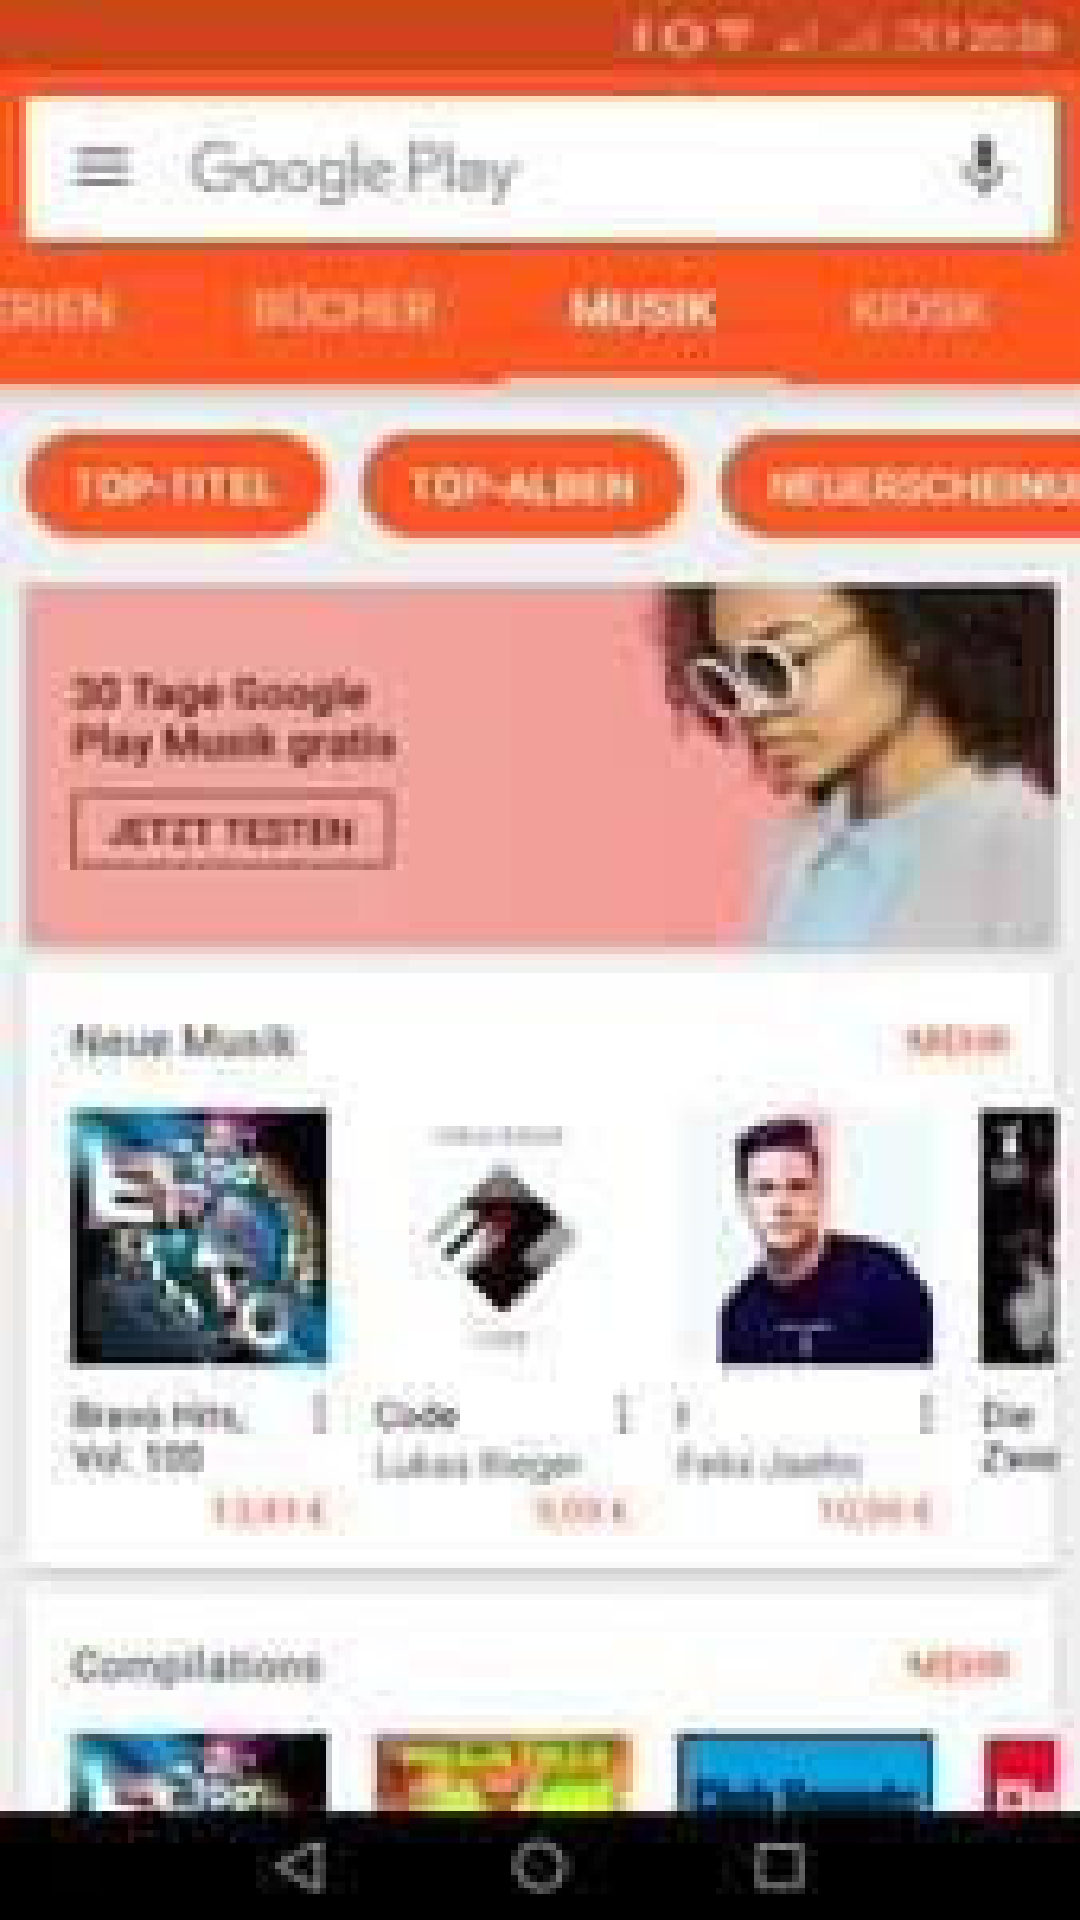 30 Tage Google Play Musik gratis